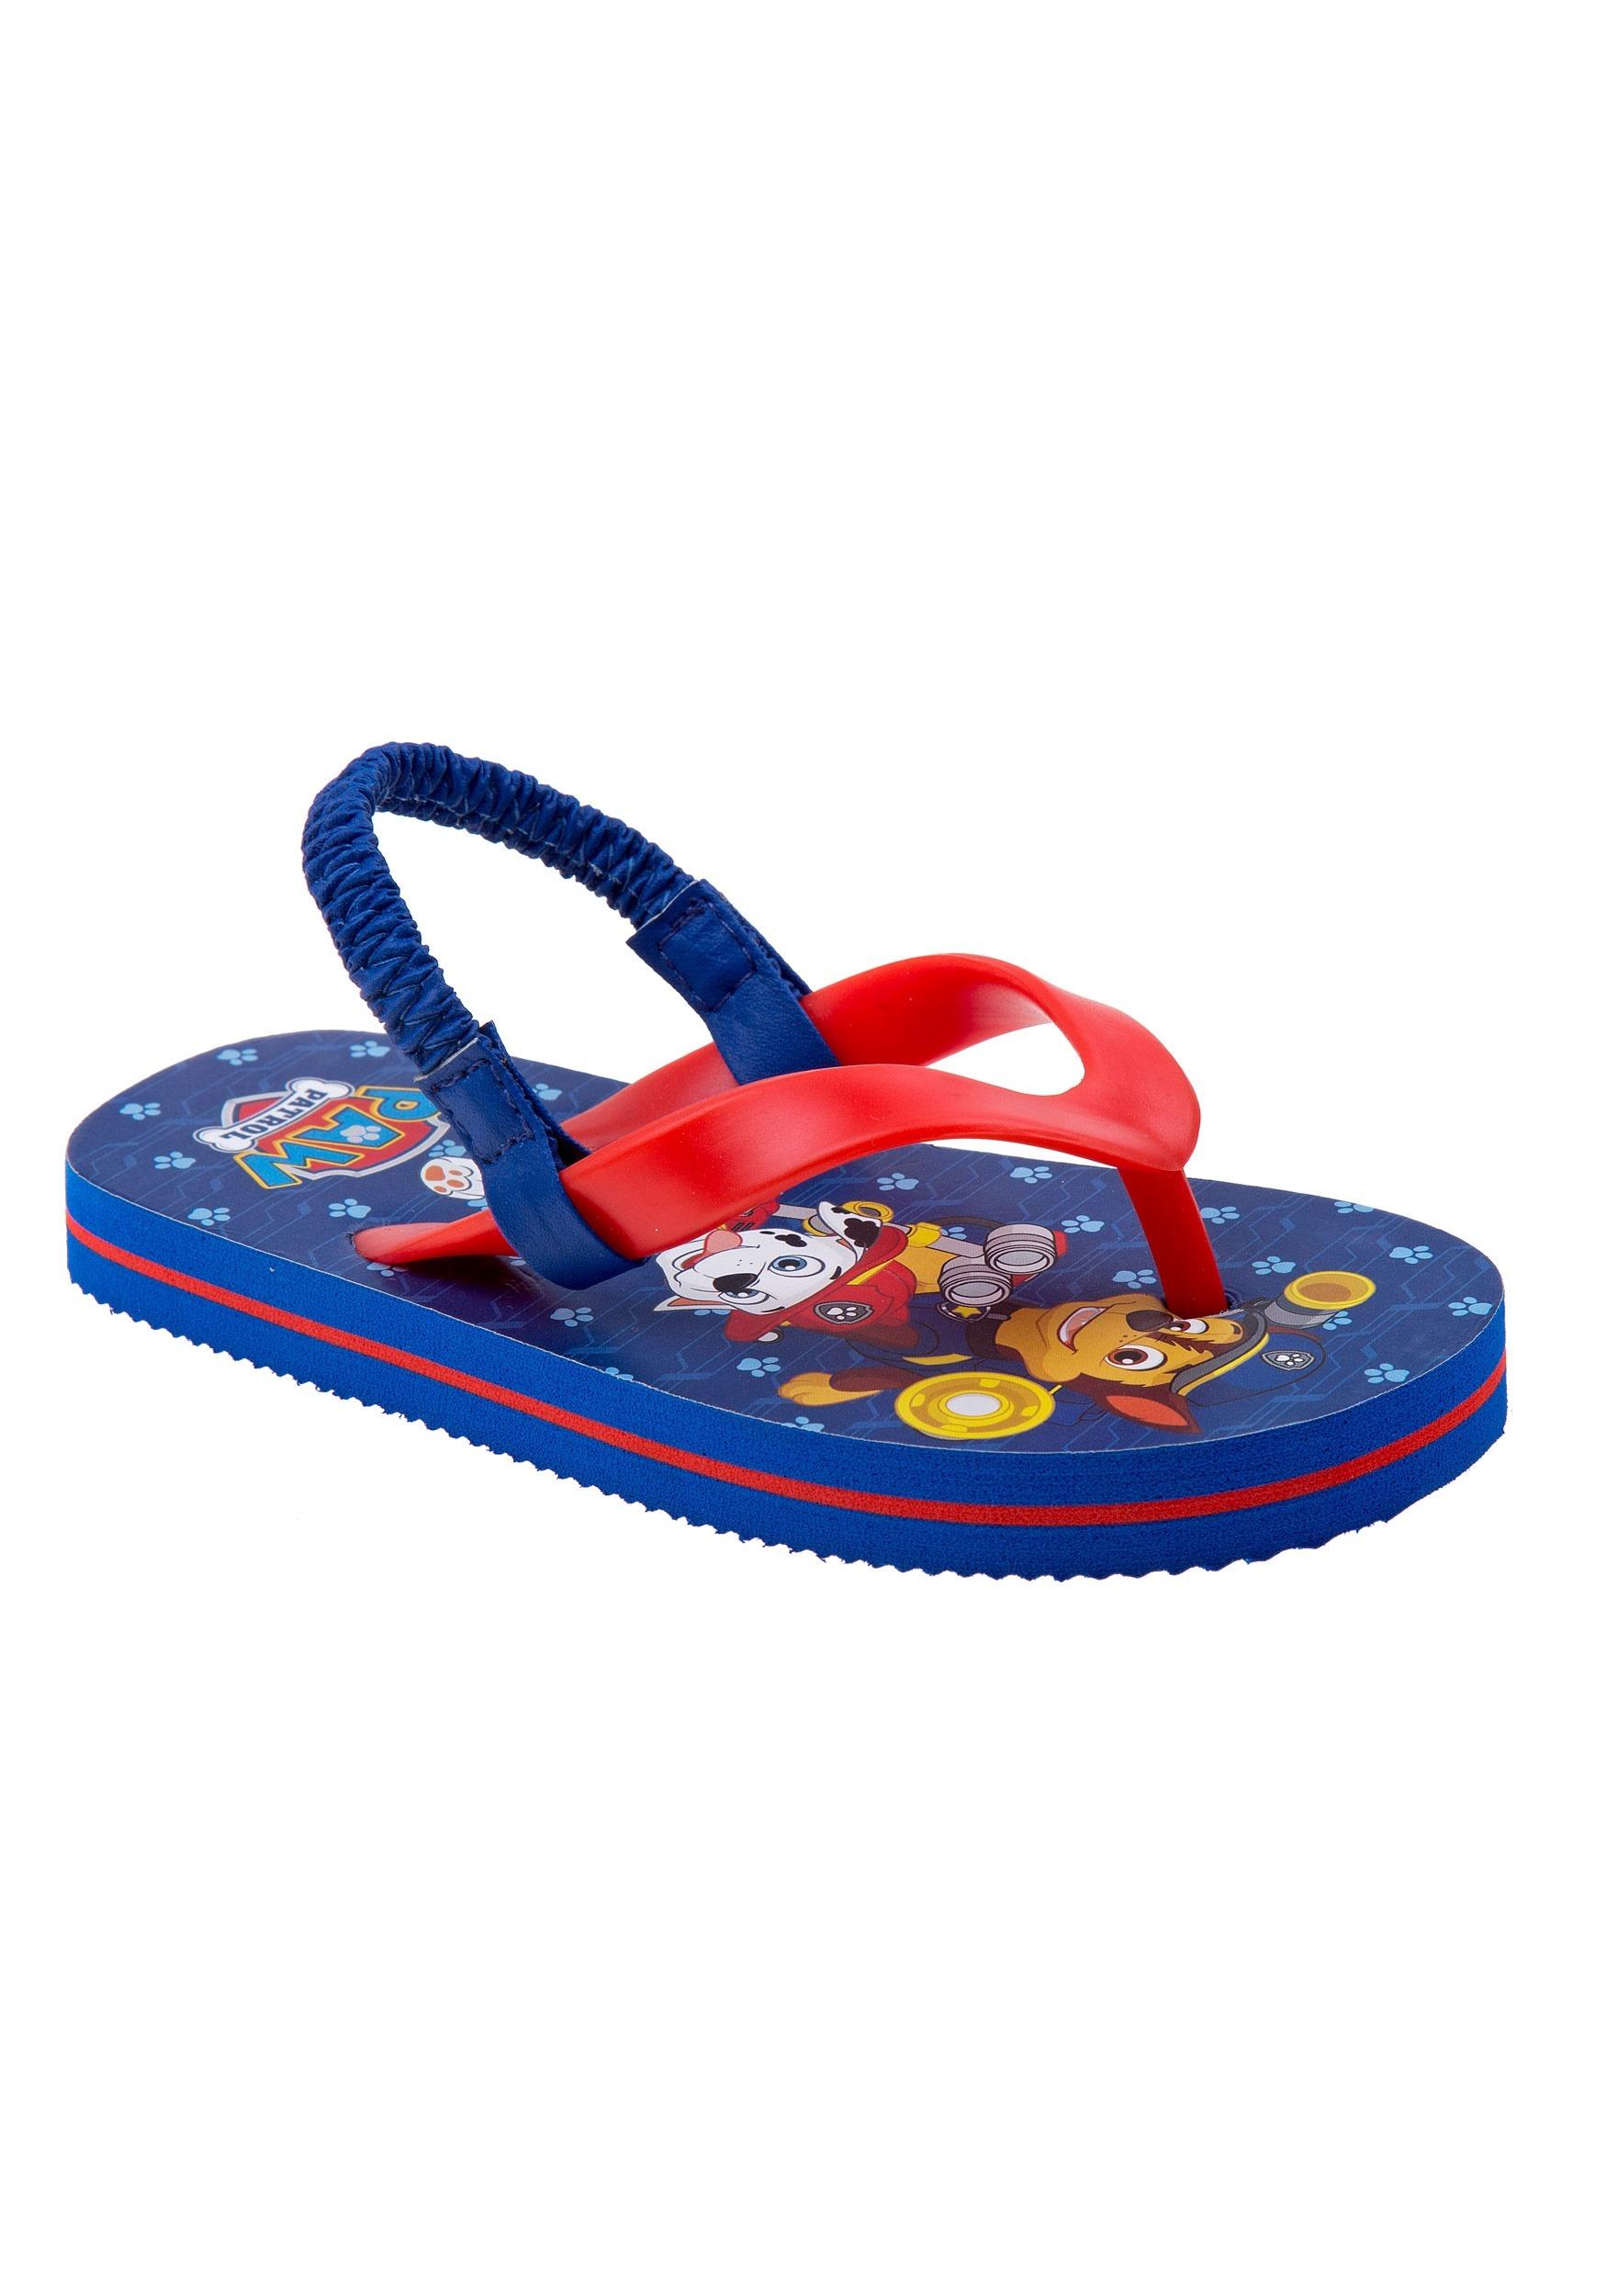 b38a2239f5d40 Paw Patrol Child Sandals